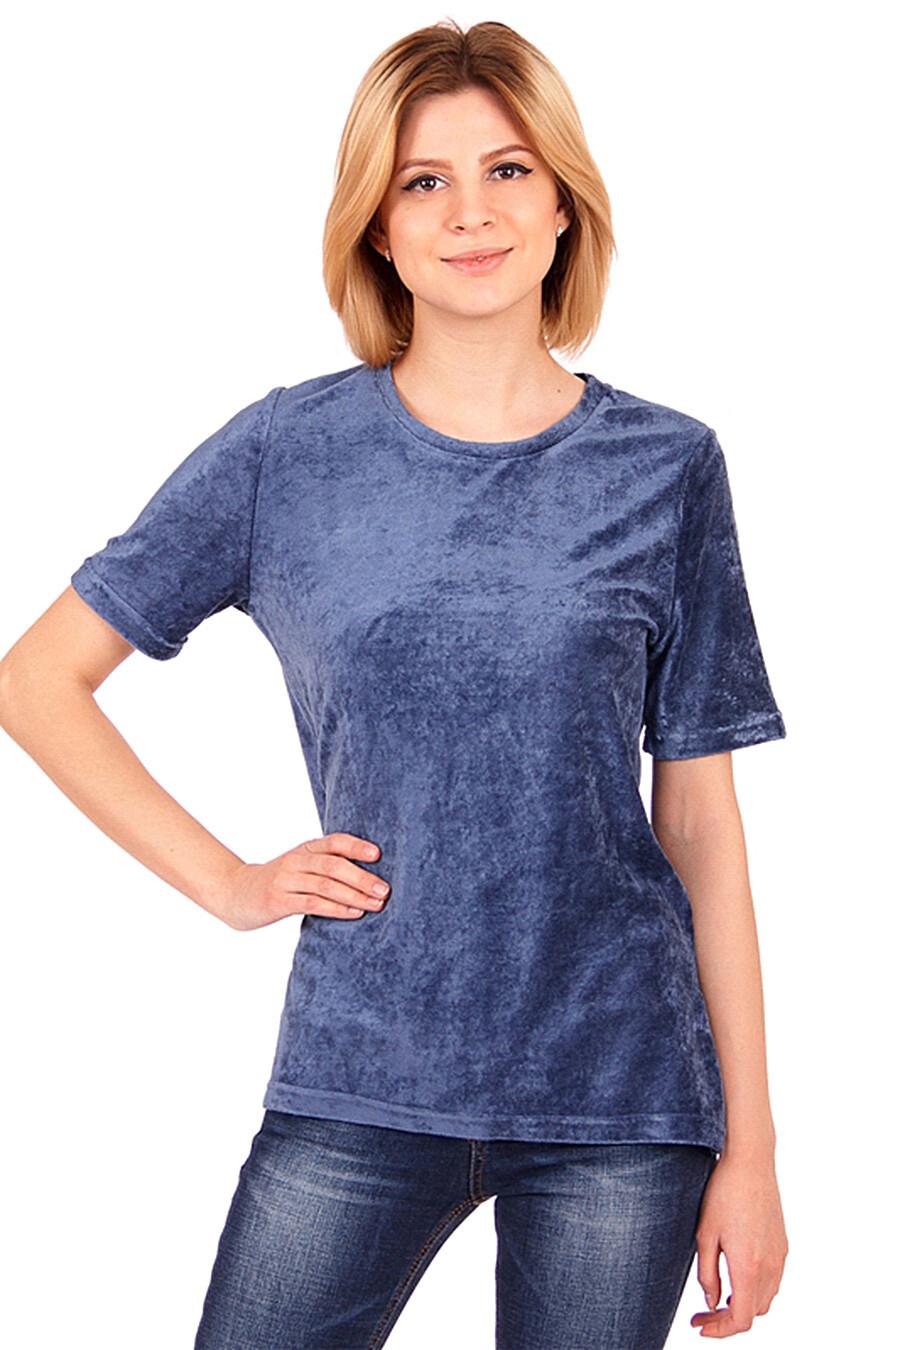 Джемпер для женщин Archi 130594 купить оптом от производителя. Совместная покупка женской одежды в OptMoyo